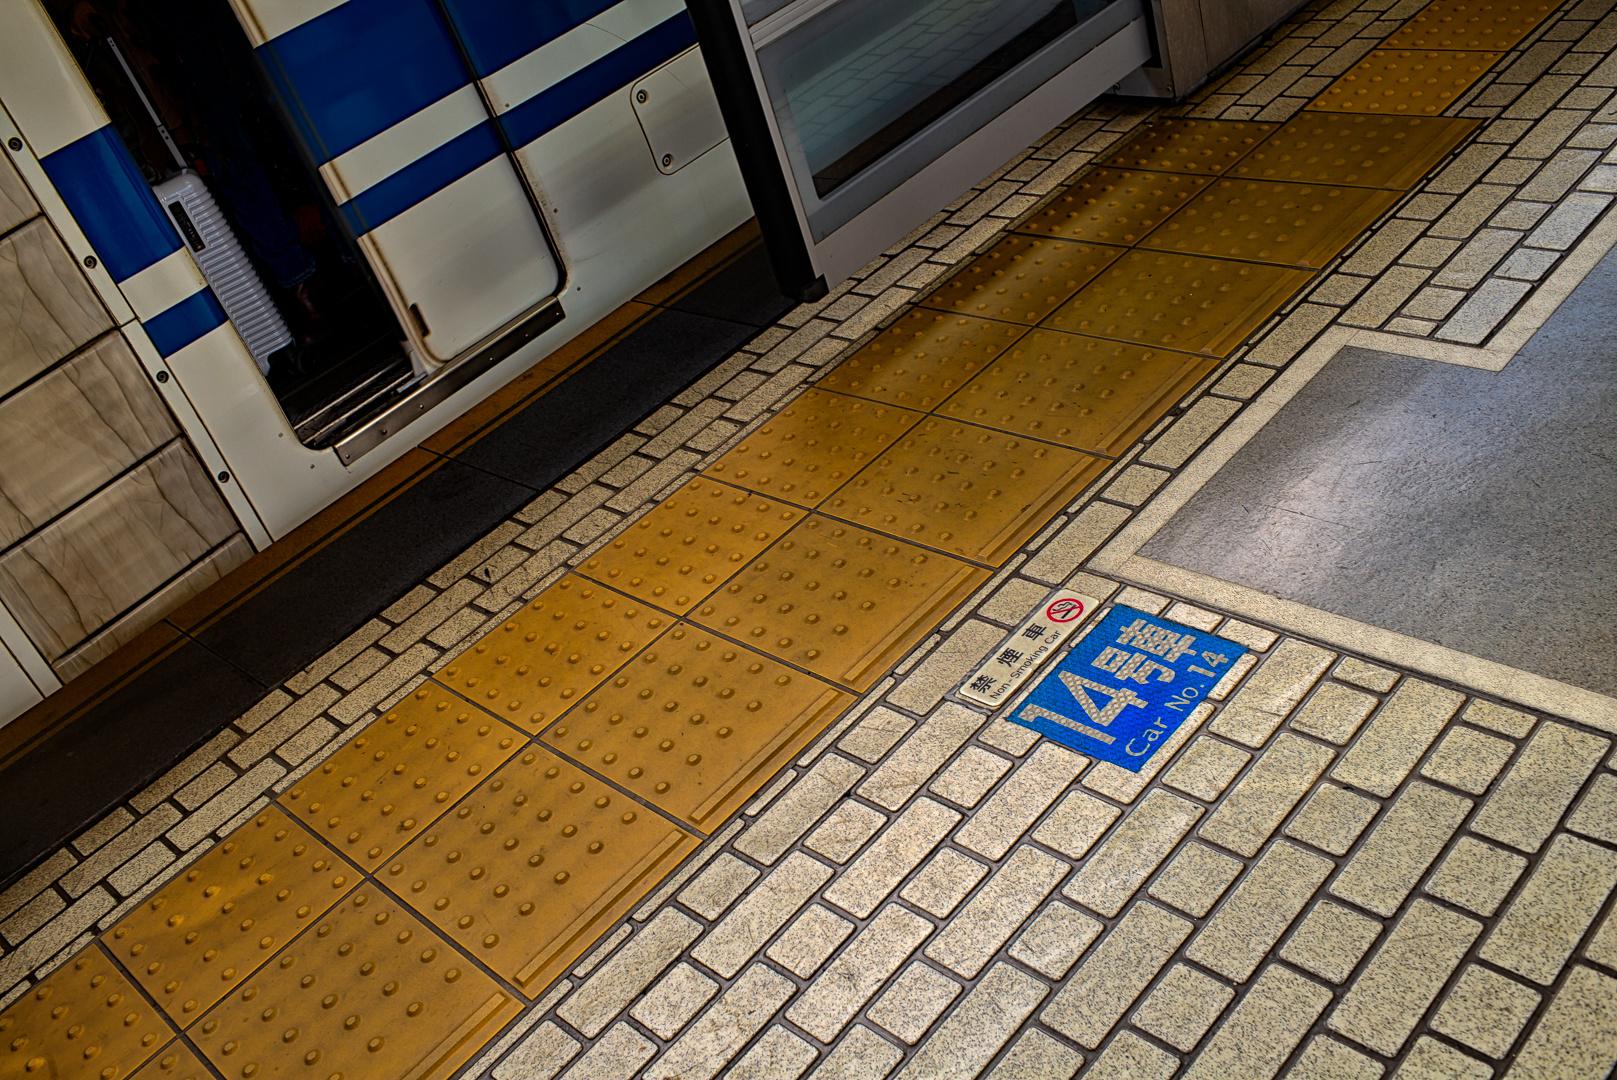 enter:shinkansen